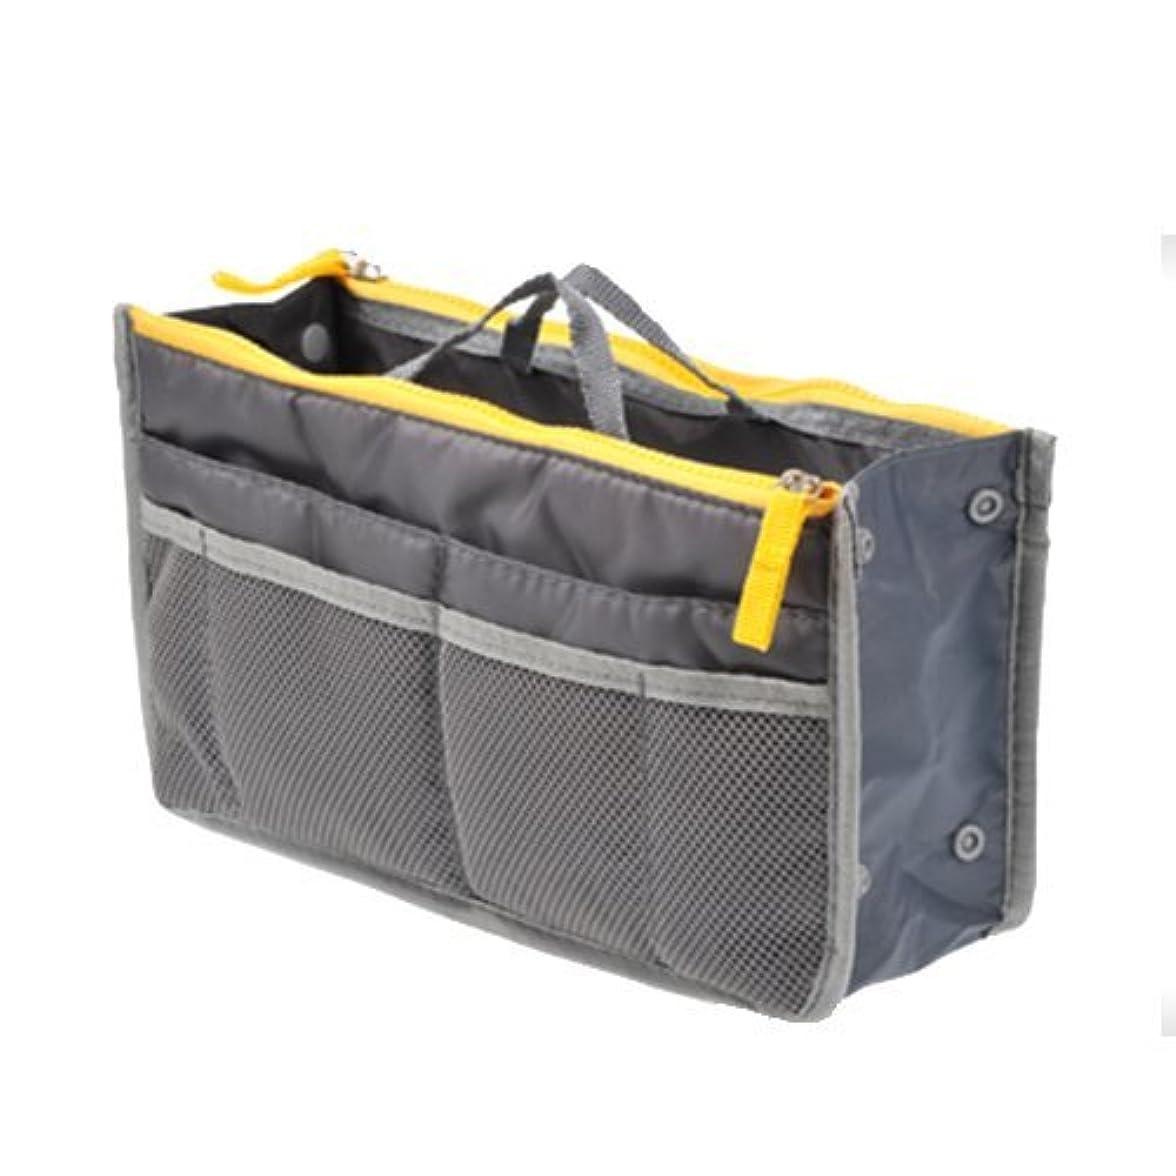 運ぶ侵略豪華なTENDOC 高品質 バッグでバッグを簡単収納 お財布 携帯などの必需品から手帳やペンもピッタリサイズ グレー